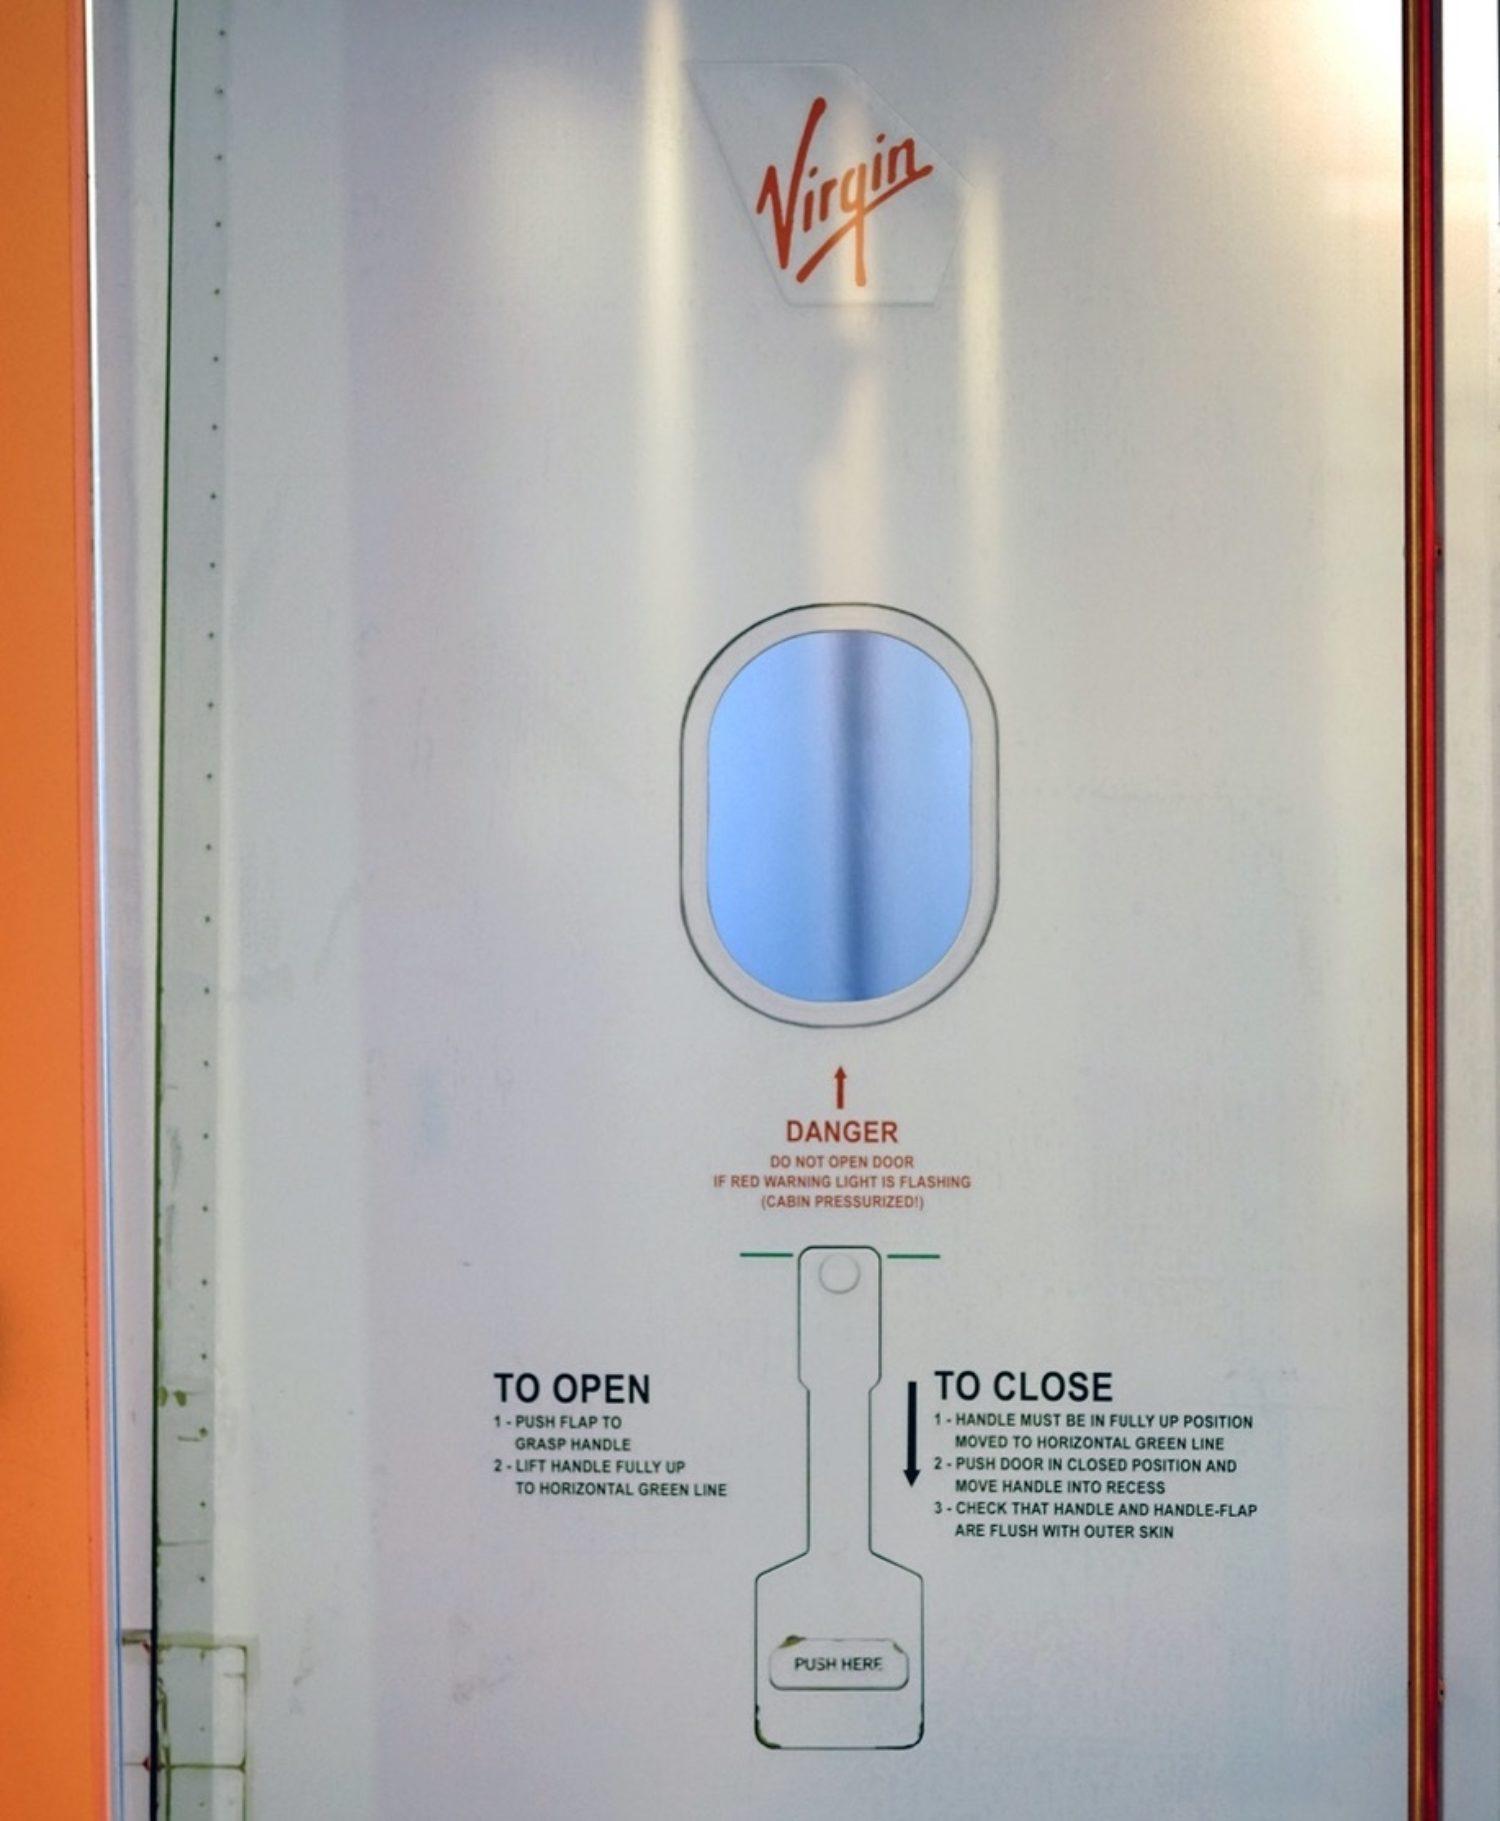 Virgin office interior aircraft door